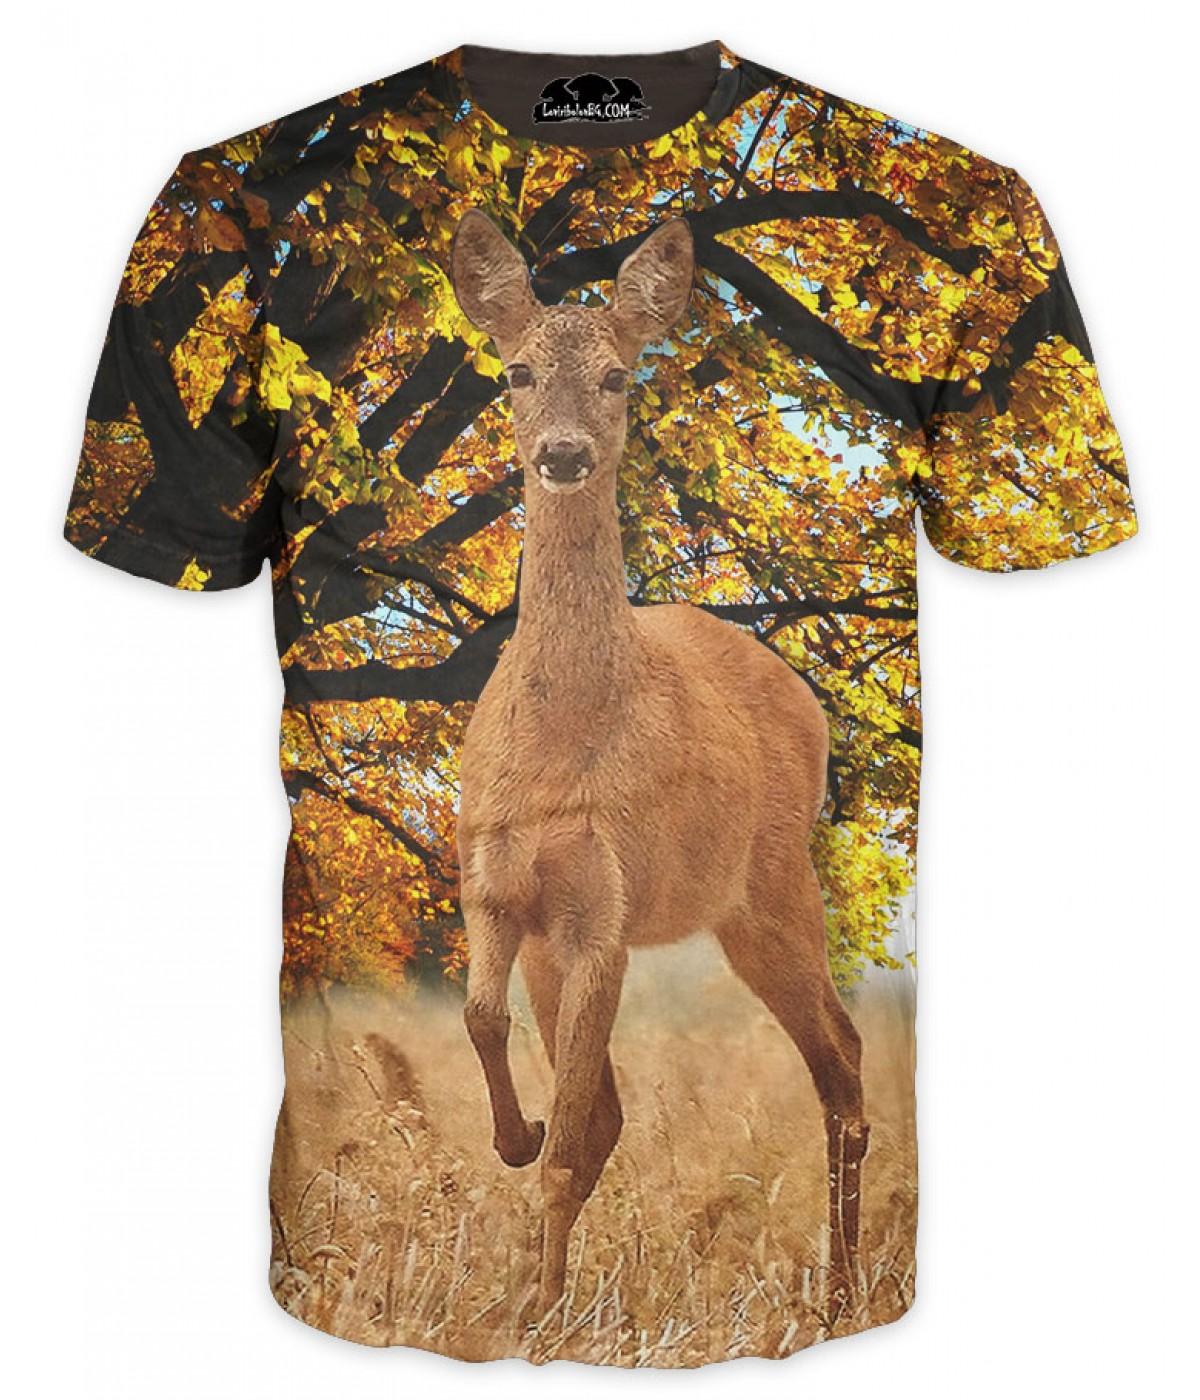 Ловна камуфлажна тениска с изображение на сърна в есенна гора